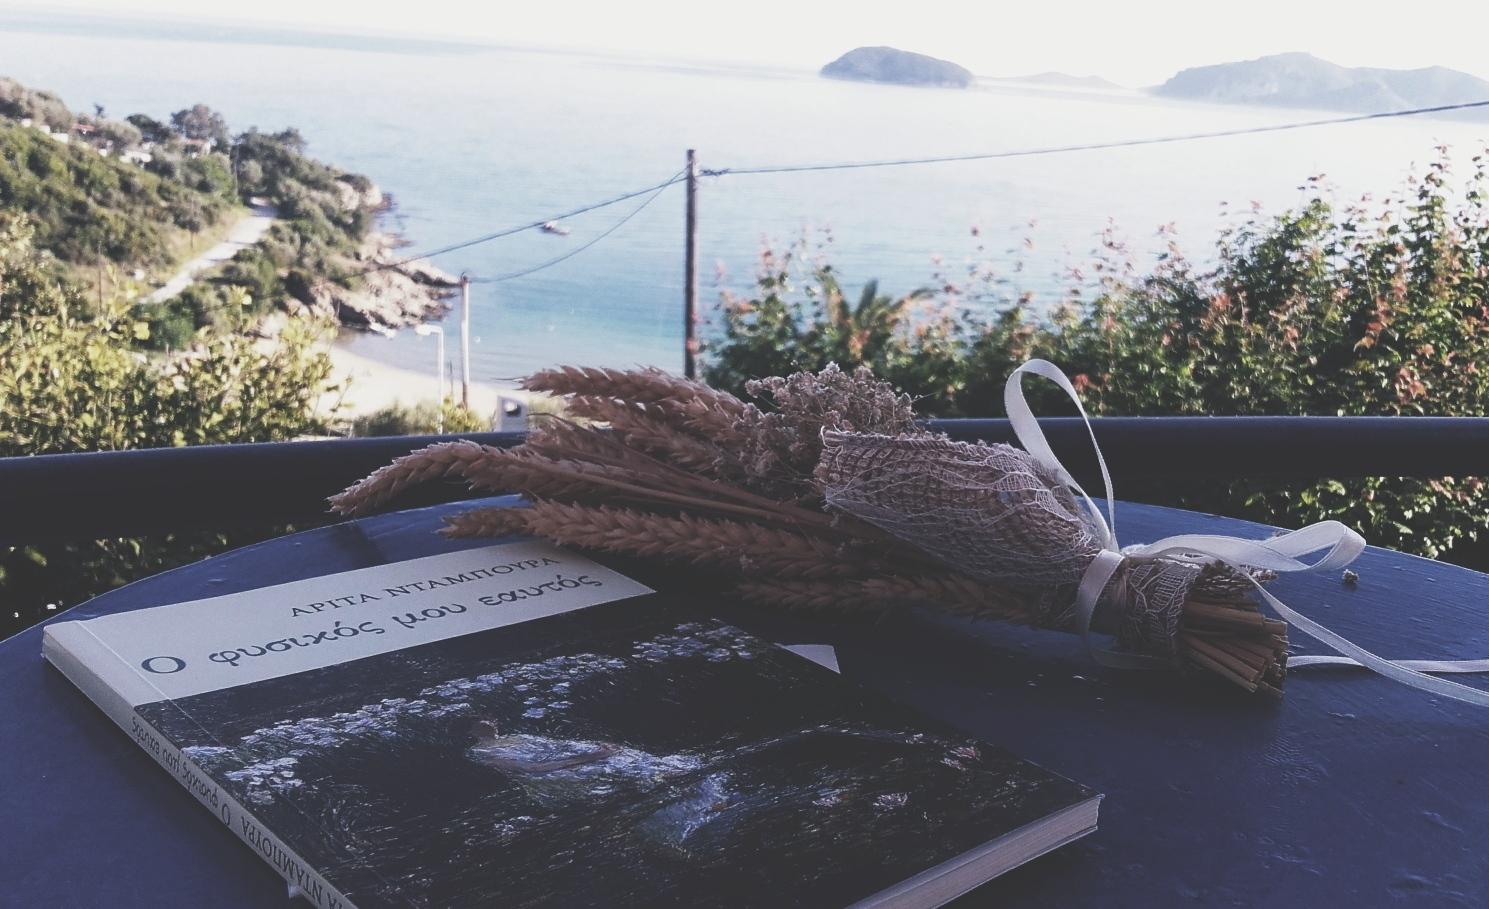 Ο Φυσικός μου Εαυτός, Αρίτα Νταμπούρα ~ 2017, Κριτική της Μαρίας Νάστου. Μία ποιητική συλλογή γεμάτη εικόνες και συναισθήματα για τον αναγνώστη.ο φυσικός μου εαυτός κριτική